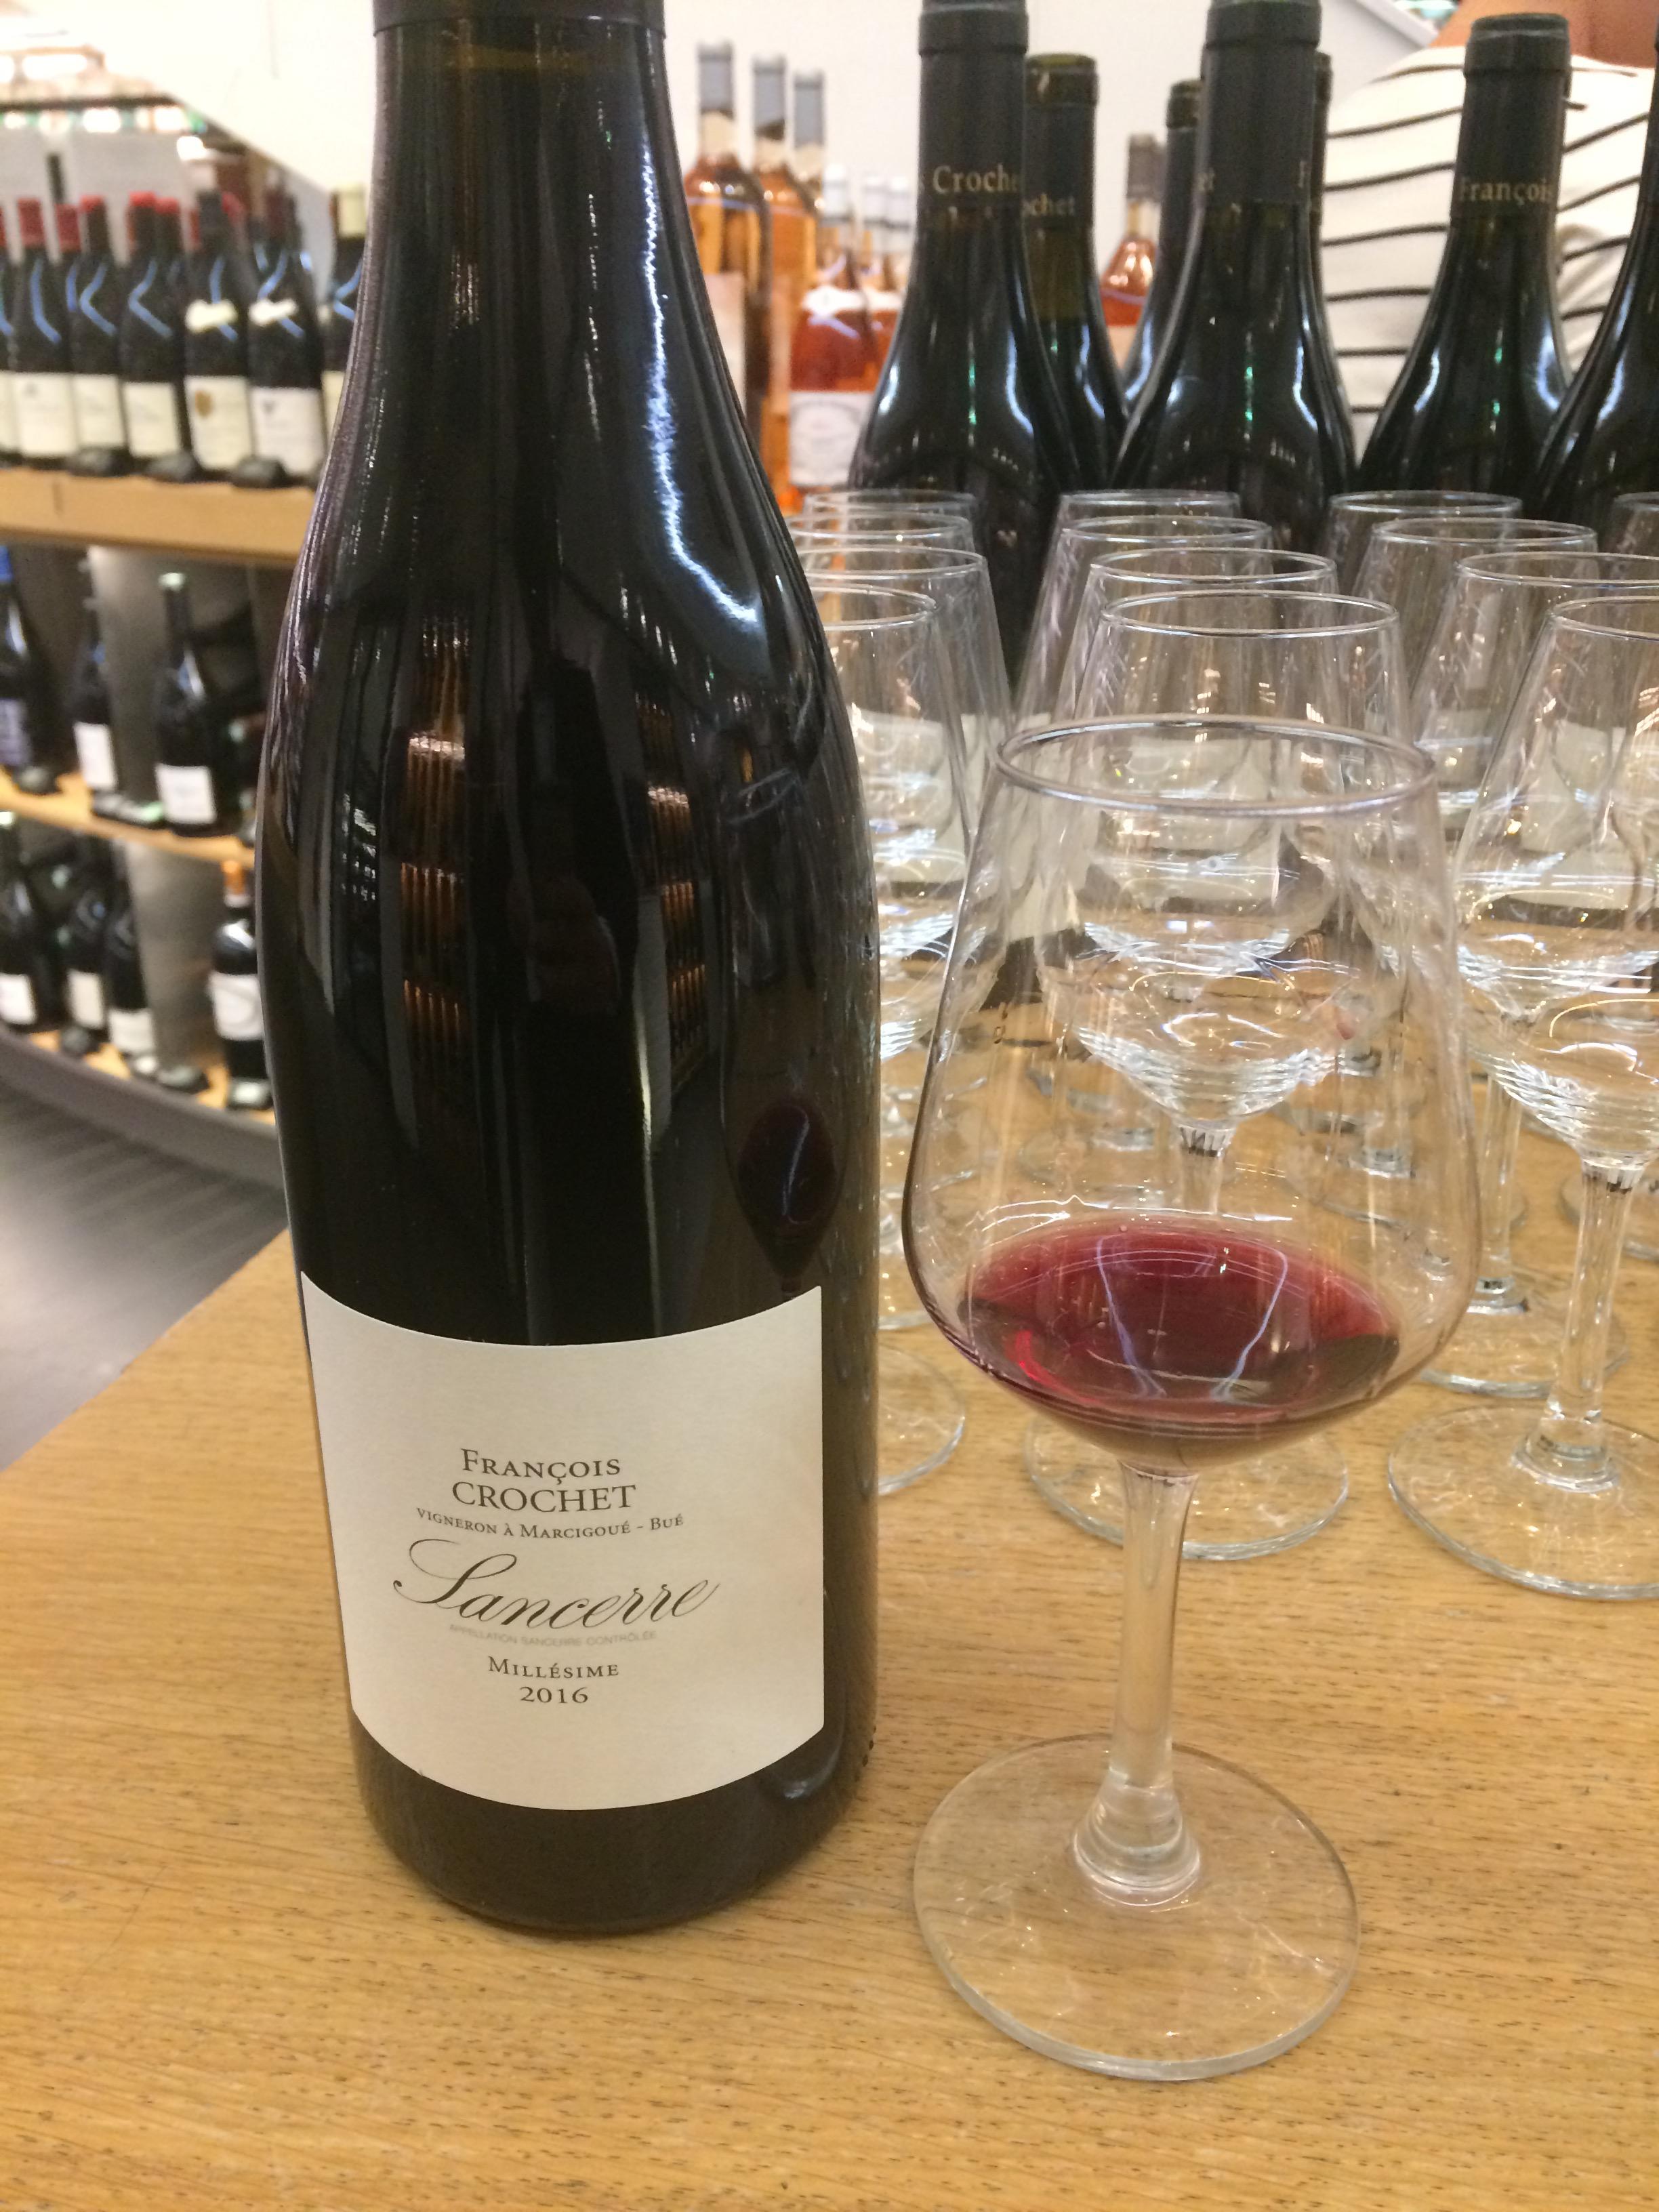 Sancerre 2016 domaine François Crochet foire aux vins 2018 la grande épicerie